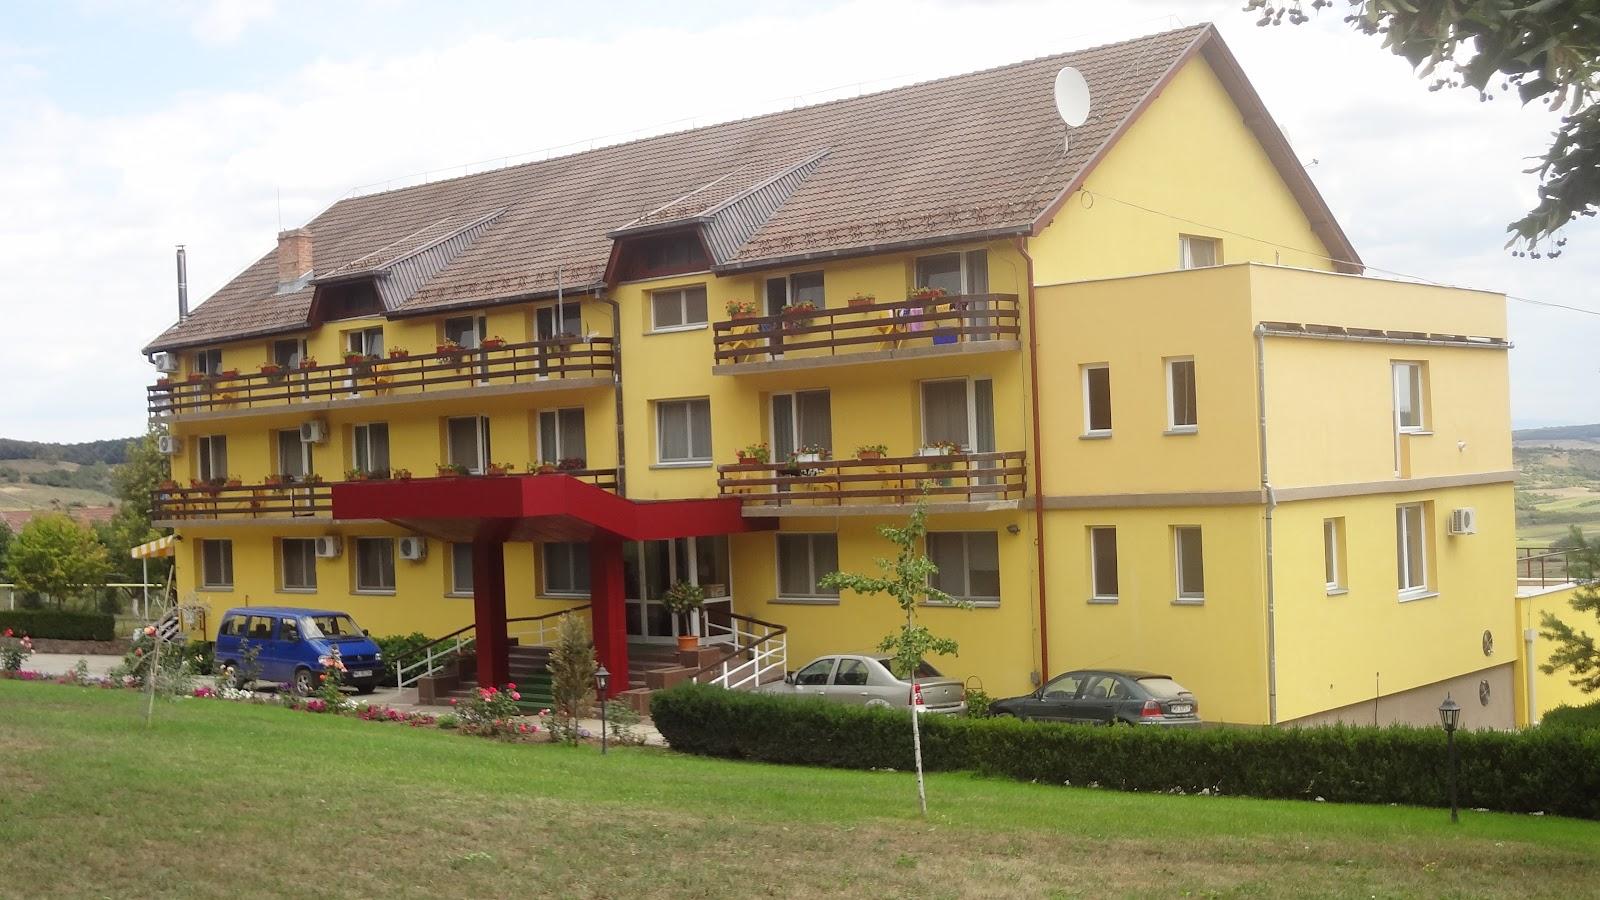 Centrul Herghelia - 48 de ore la sanatoriul lui Dumnezeu - ghise-ioan.ro